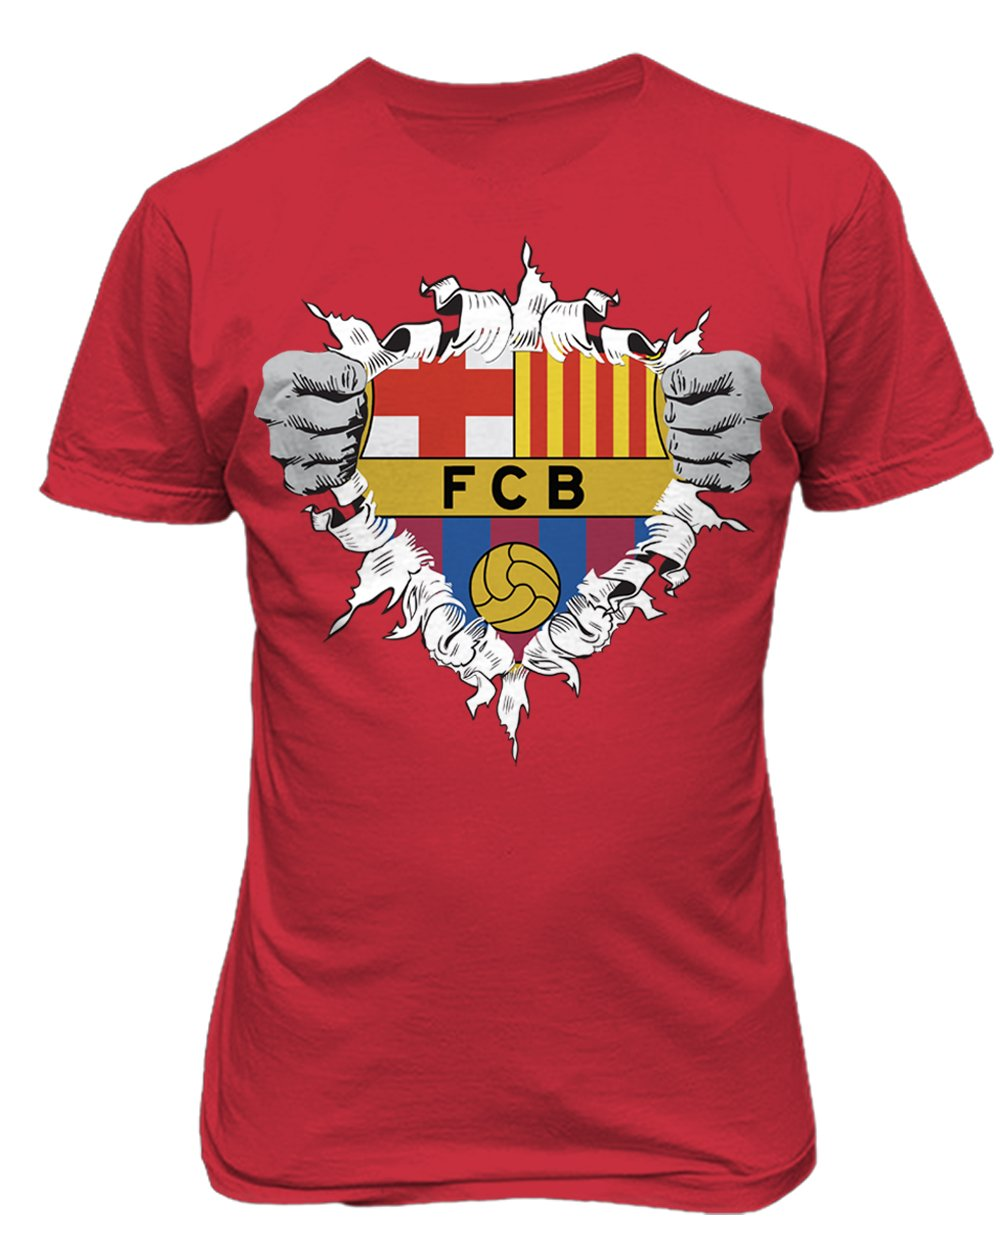 上質で快適 Smartzone Youth Futbol Club Club レッド BarcelonaスーパーヒーローロゴSoccer Football Futbol Tシャツ Youth X-Large レッド B0765SQFSR, きもの幸造:fc6f0569 --- narvafouette.eu